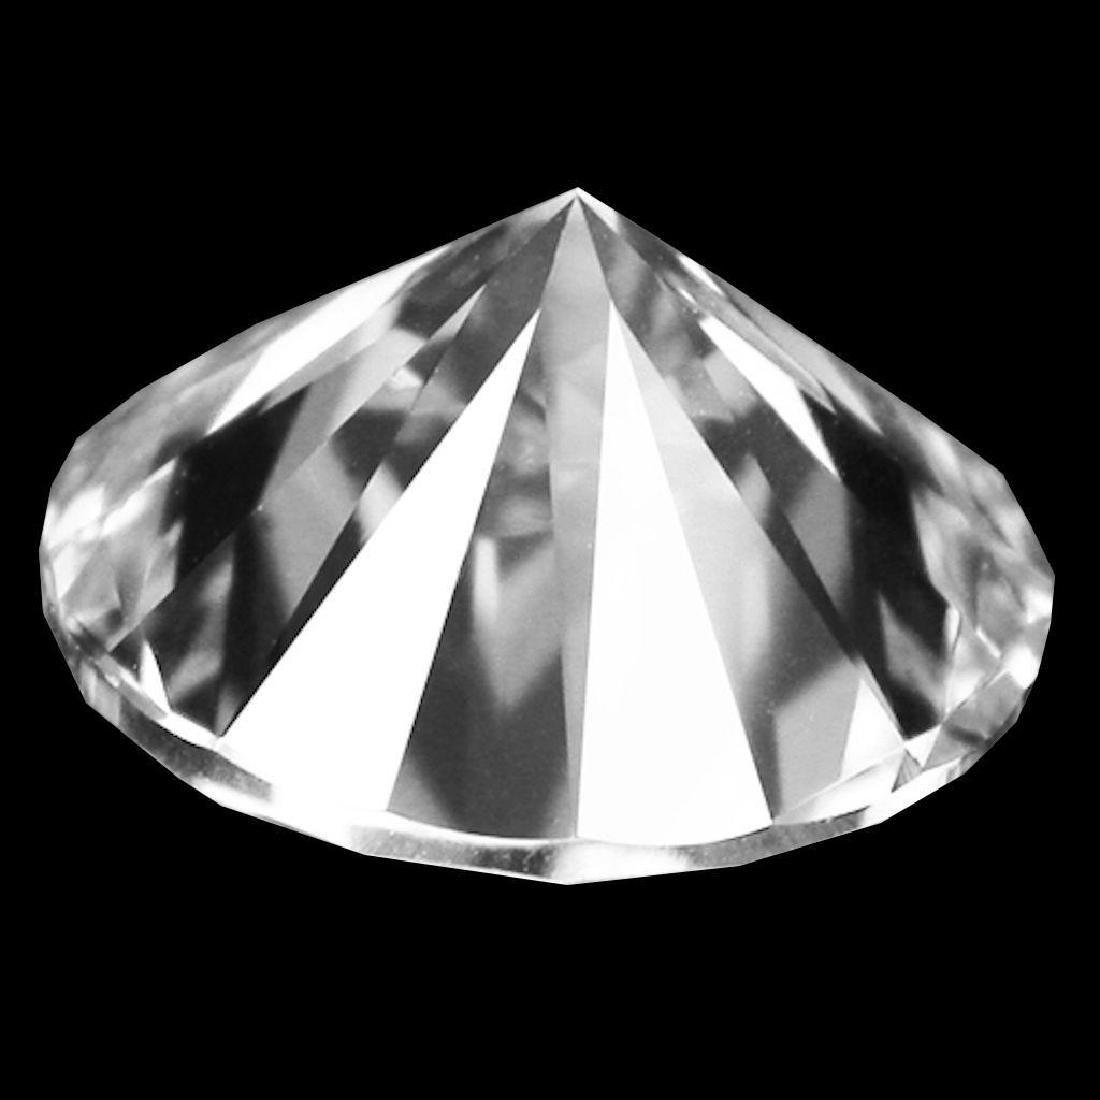 2.75cts Bianco Diamond Grade 6AAAAAA - Loose Stone - 3